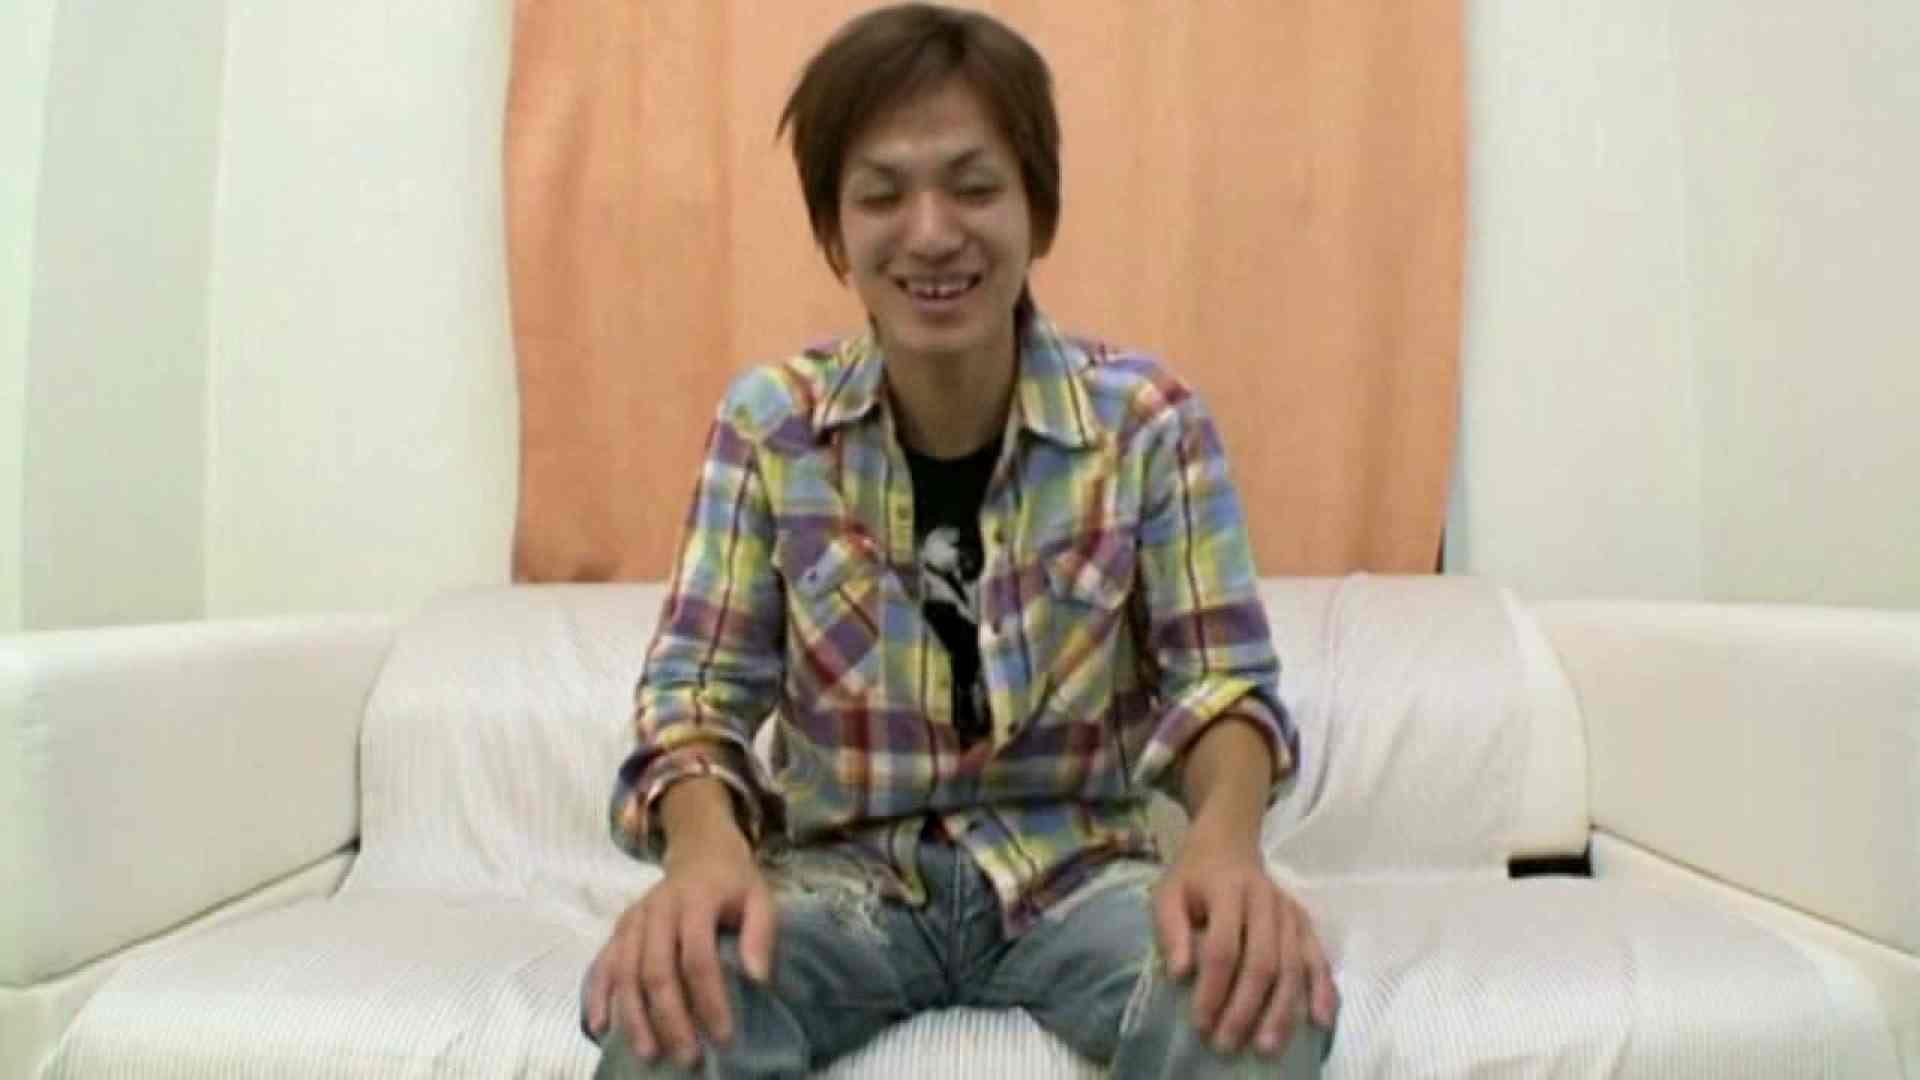 ノンケ!自慰スタジオ No.03 無修正 | 流出作品 エロビデオ紹介 58pic 1